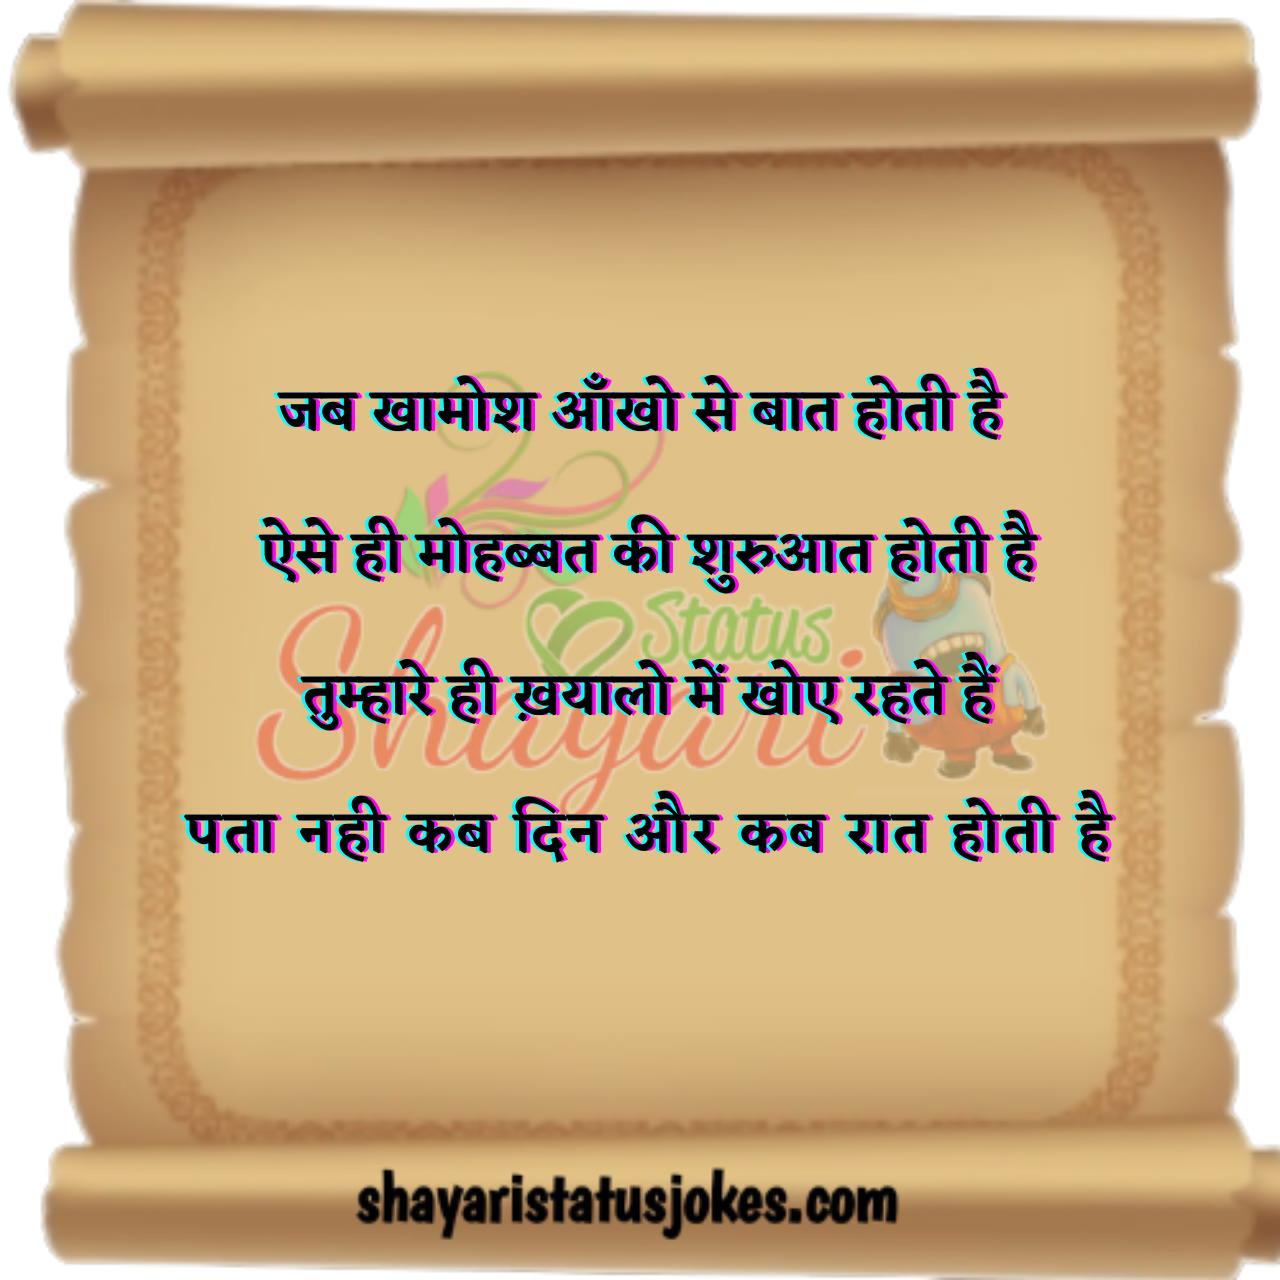 MOHABBAT LOVE SHAYARI IN HINDI, URDU AND ENGLISH 2021 ALL TYPES OF SHAYARI